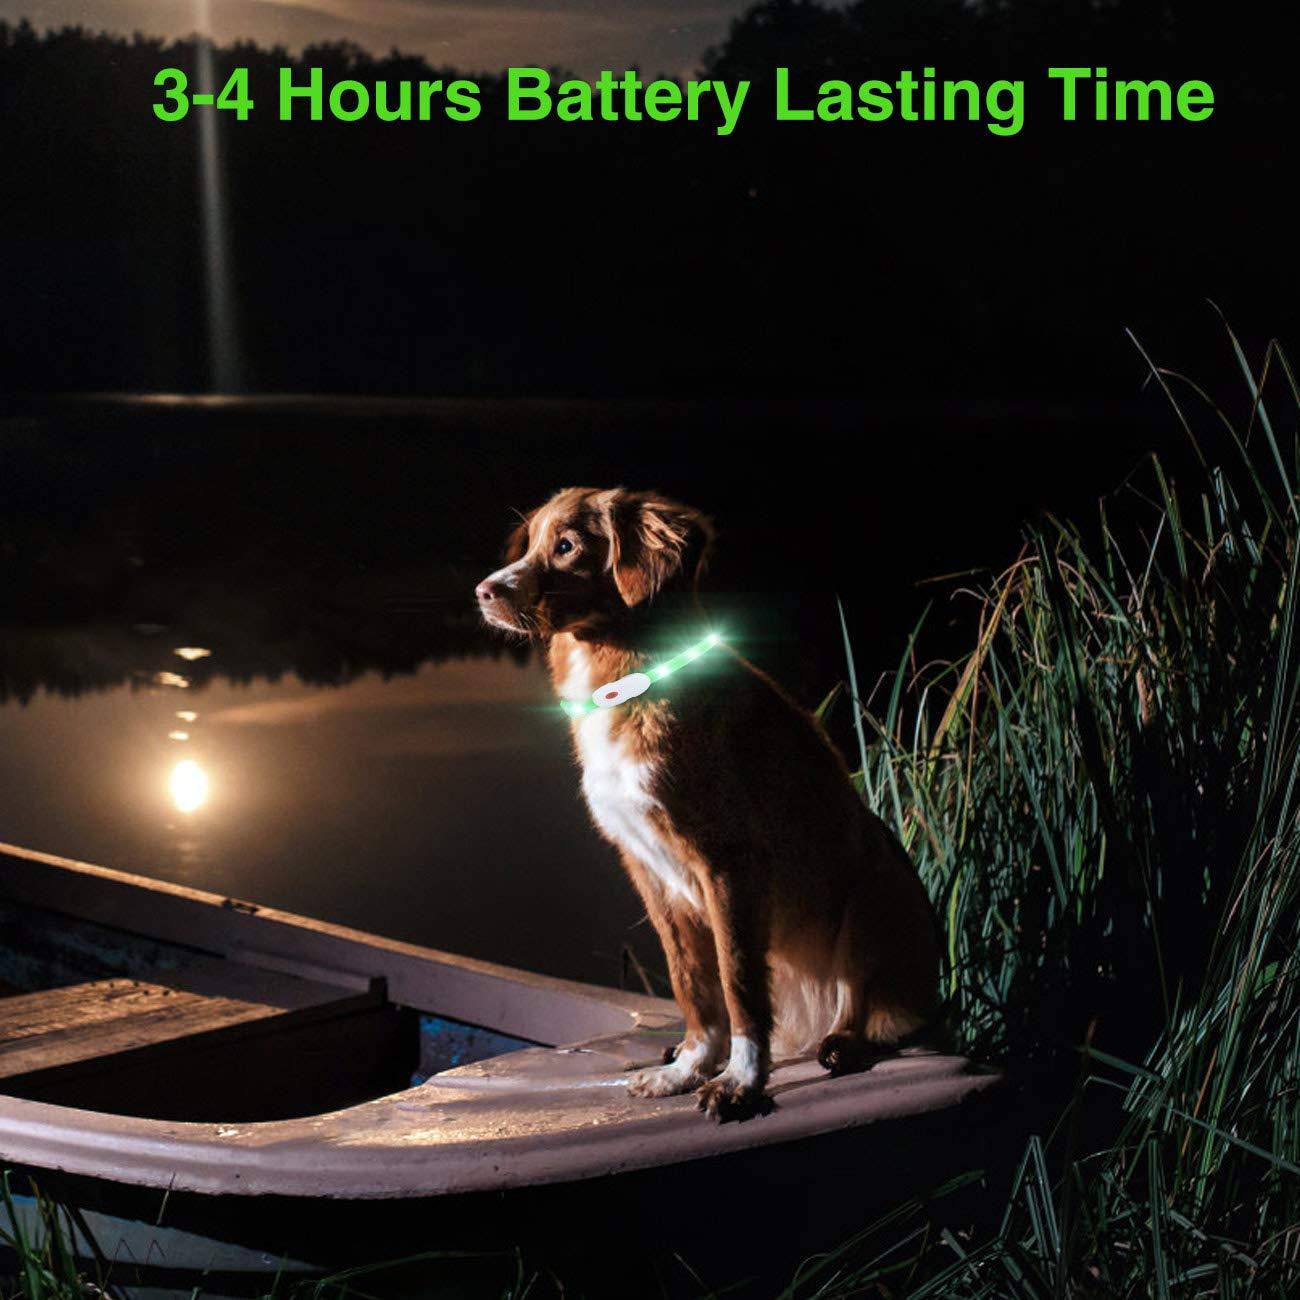 Rosso kolpop Collare Luminoso per Cani 55CM Collare LED per Cani Collare Luminoso per Cani Ricaricabile USB per Animali con 3 modalit/à dardore e Misura Regolabile Adatto per Tutti i Cani Gatti